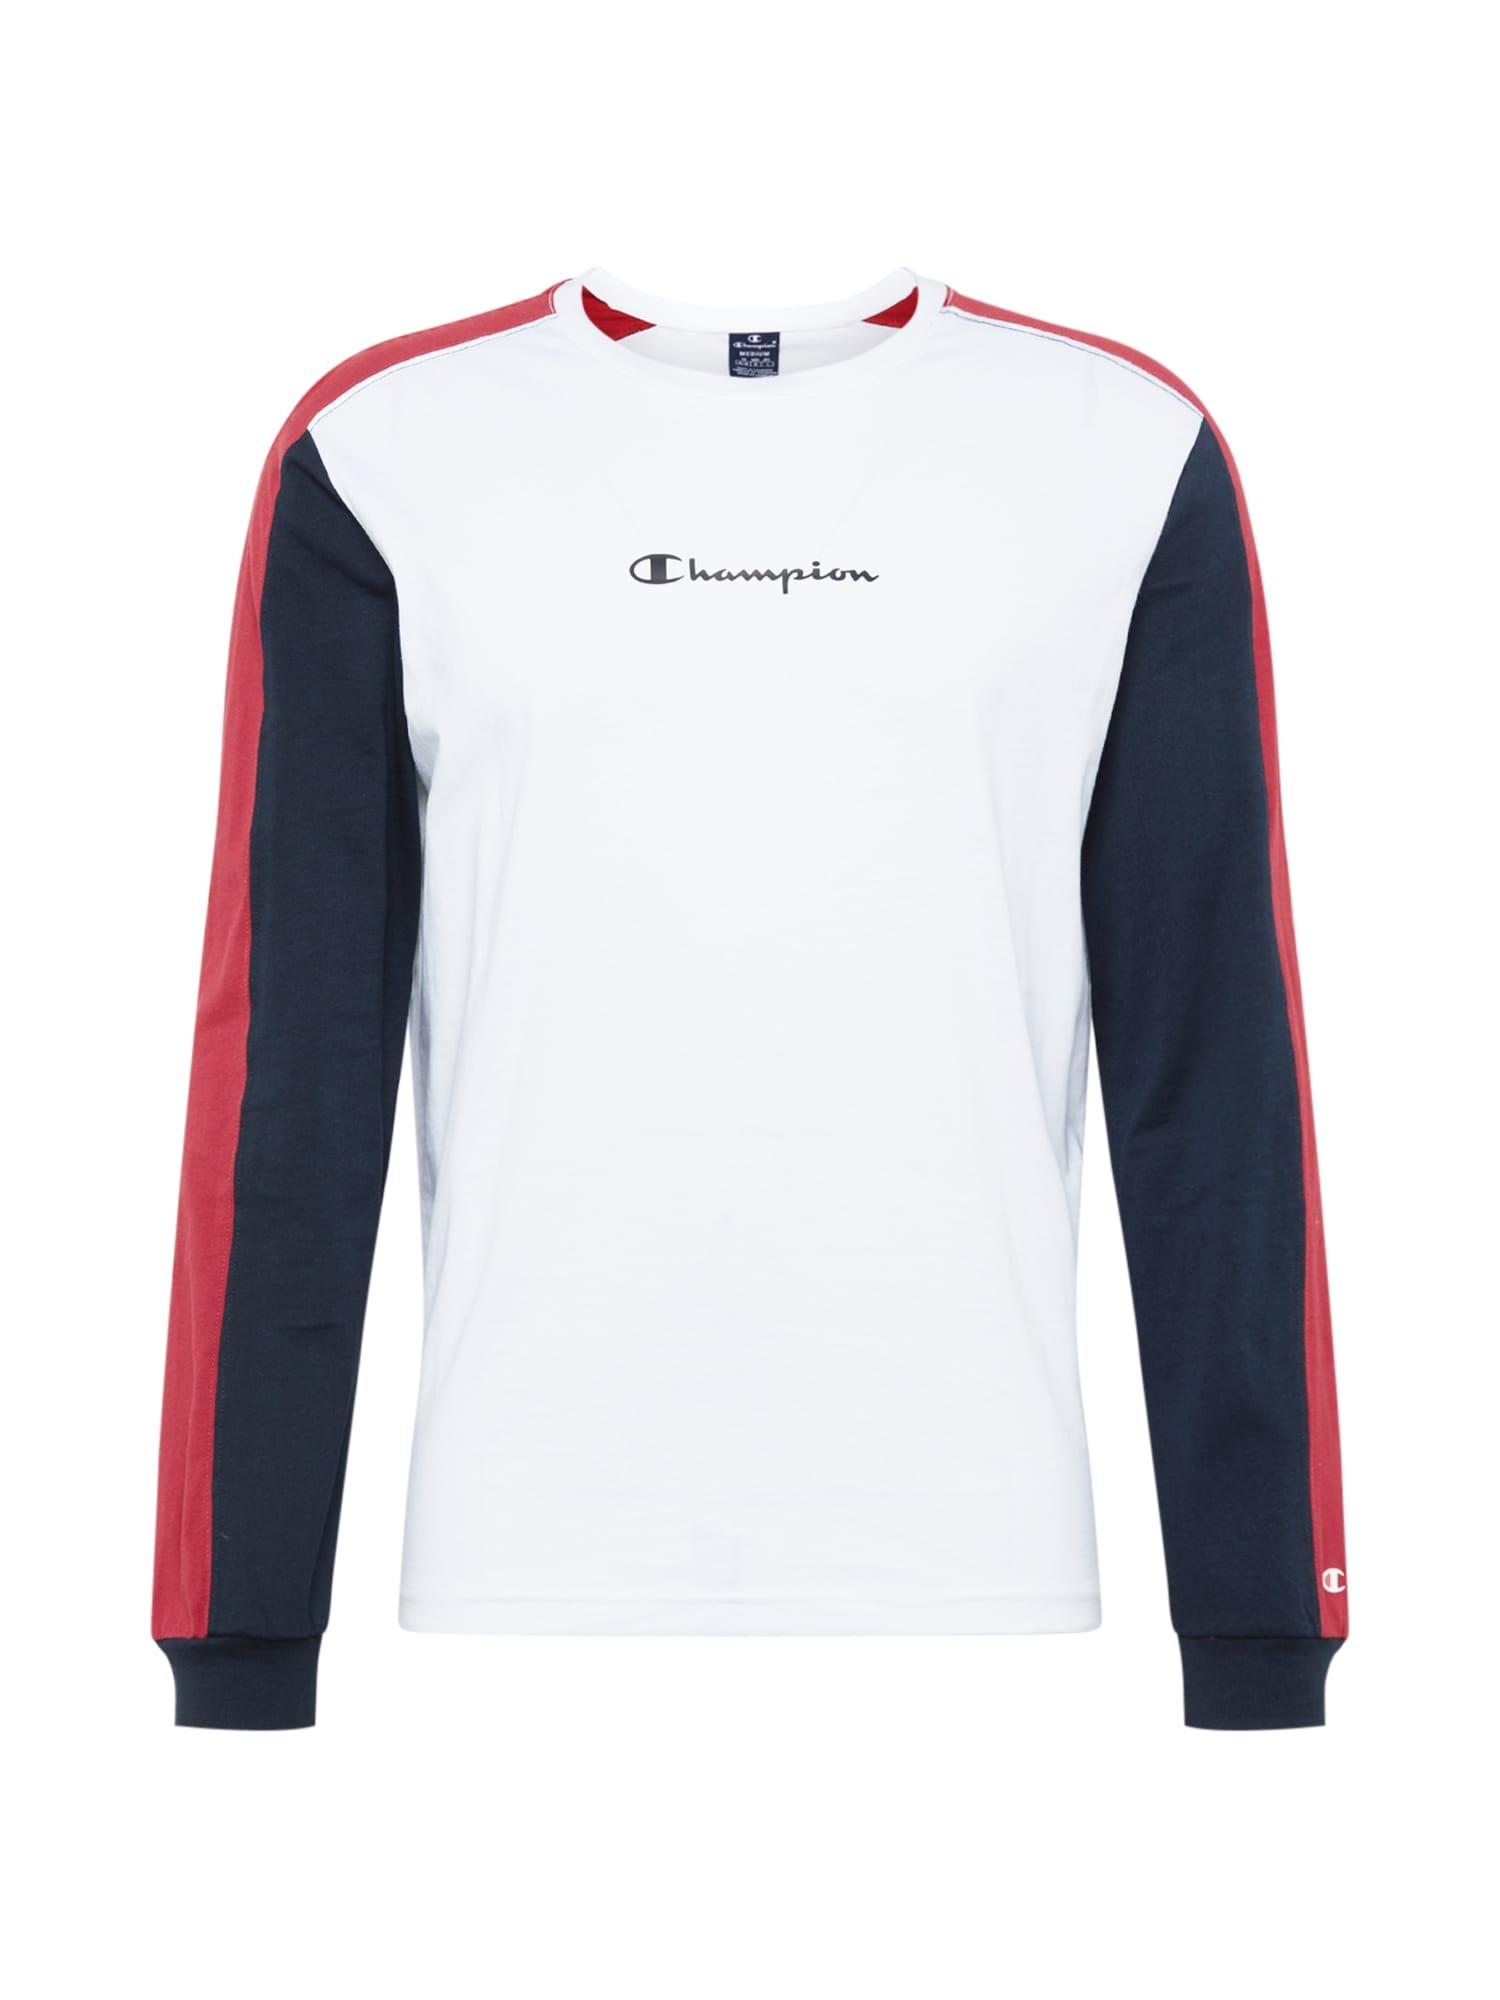 Champion Authentic Athletic Apparel Marškinėliai tamsiai mėlyna / balta / pastelinė raudona